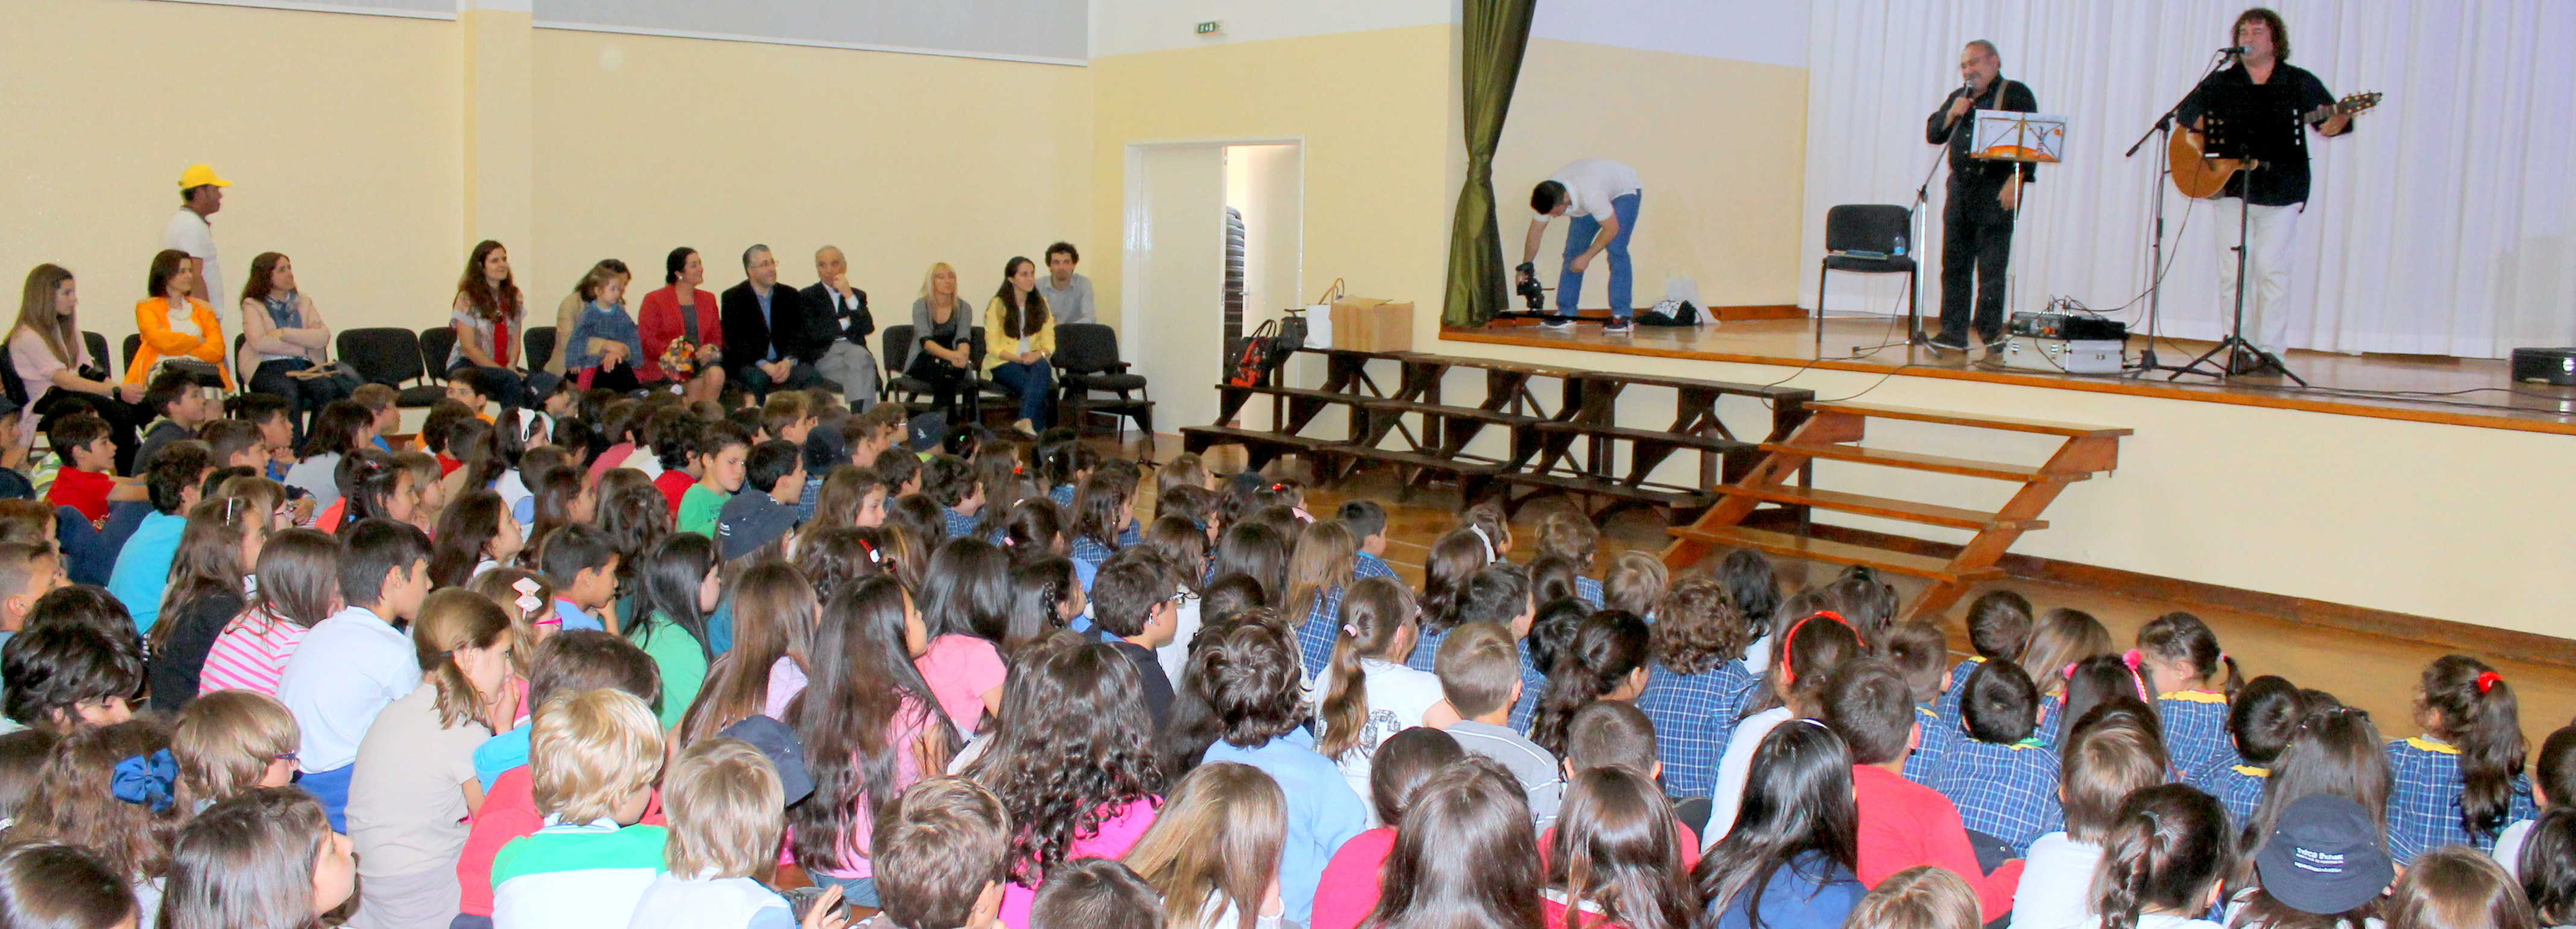 Escritor José Fanha e músico Daniel Completo no programa animação das escolas do concelho